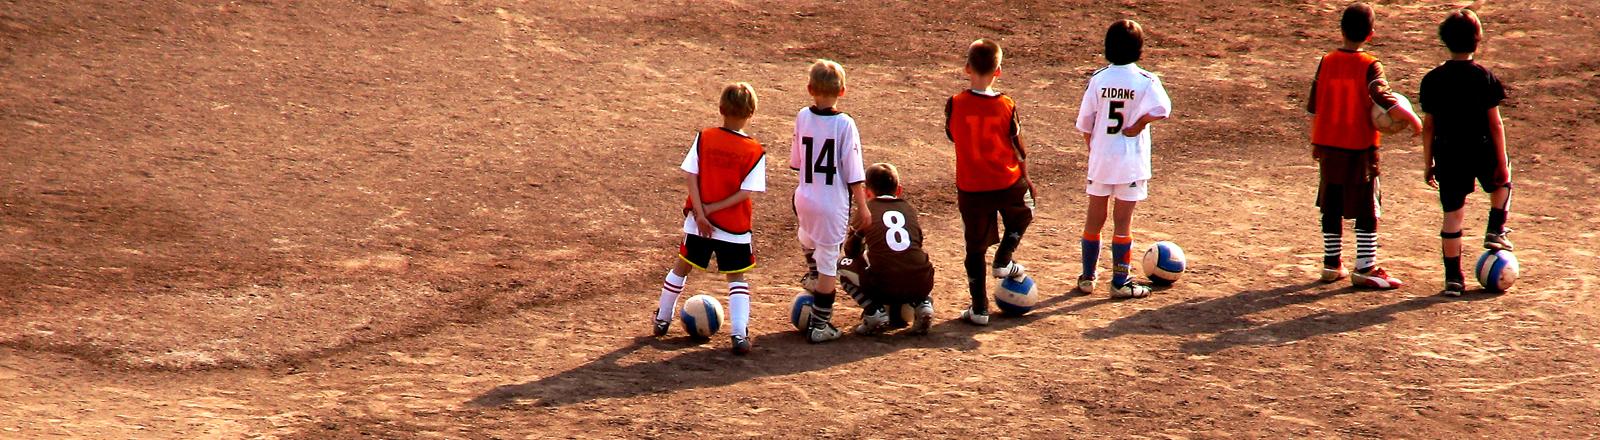 Kinder beim Fußballtrainig auf dem Ascheplatz.